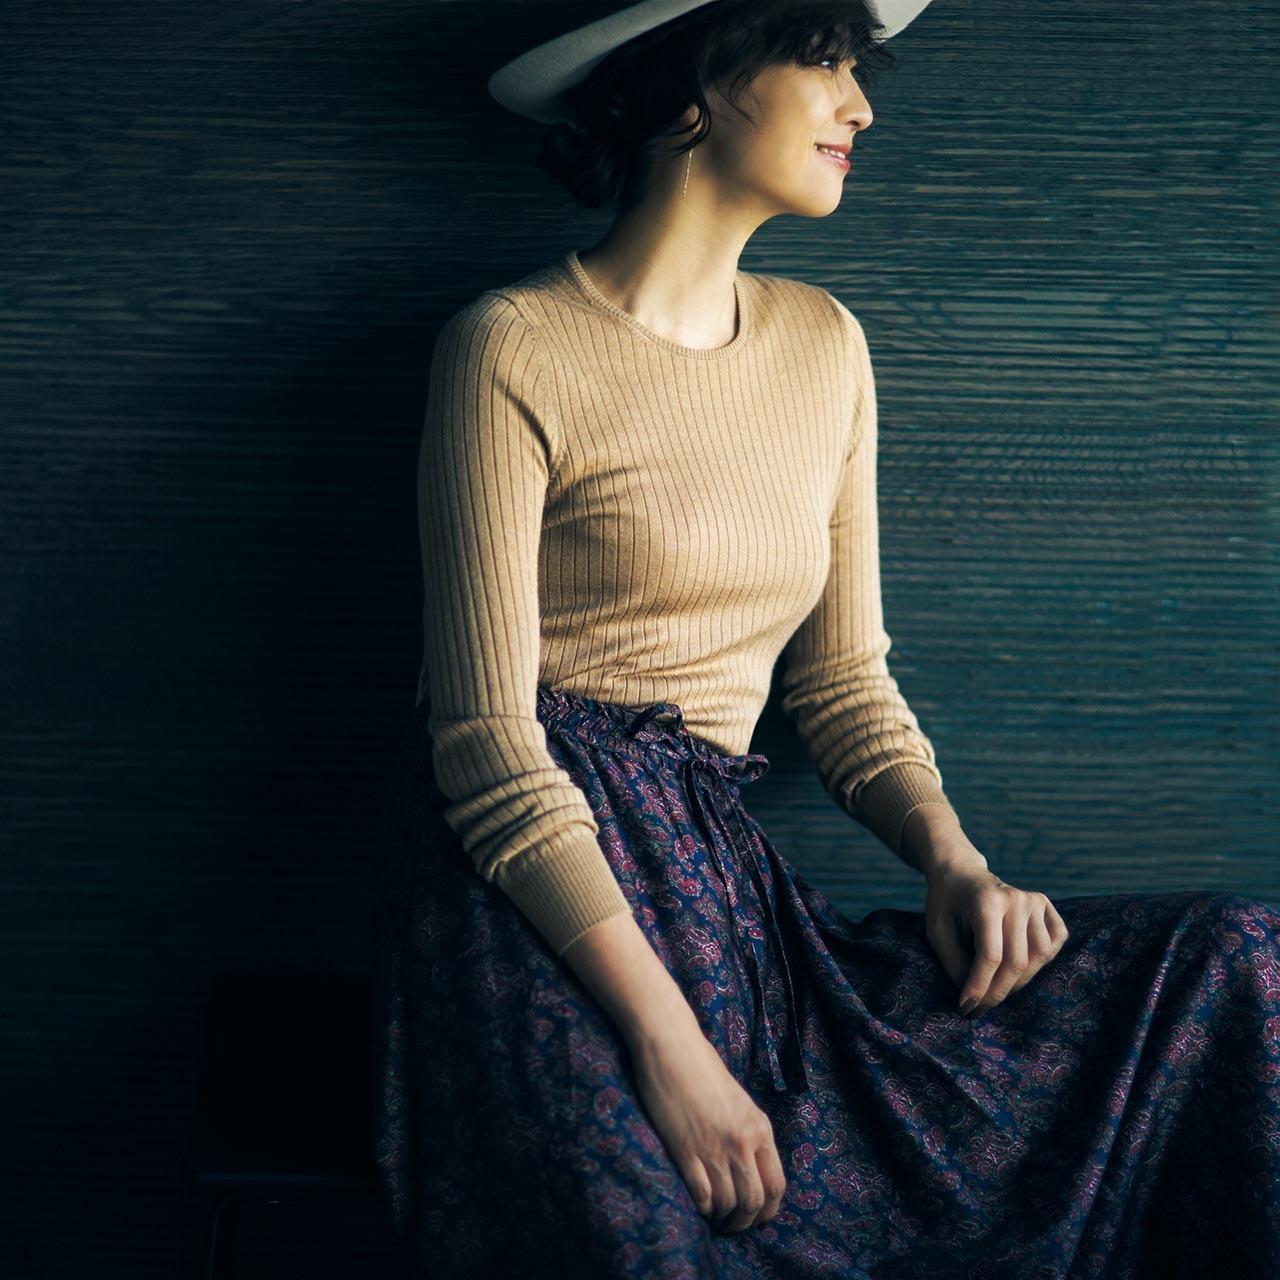 クルーネックニット×花柄スカートのファッションコーデ